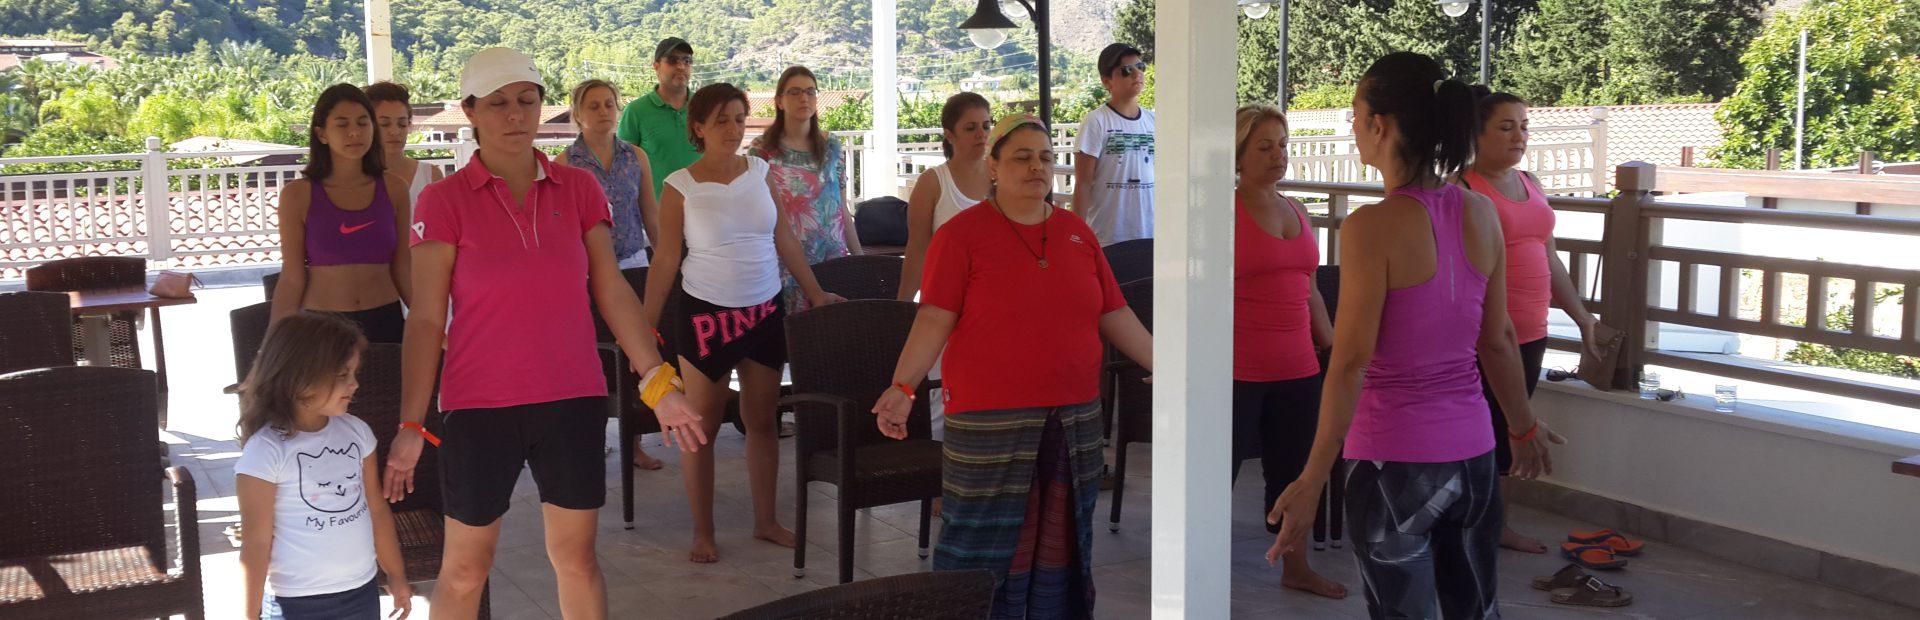 2016 Eylül  Yoga Çıralı Etkinliği